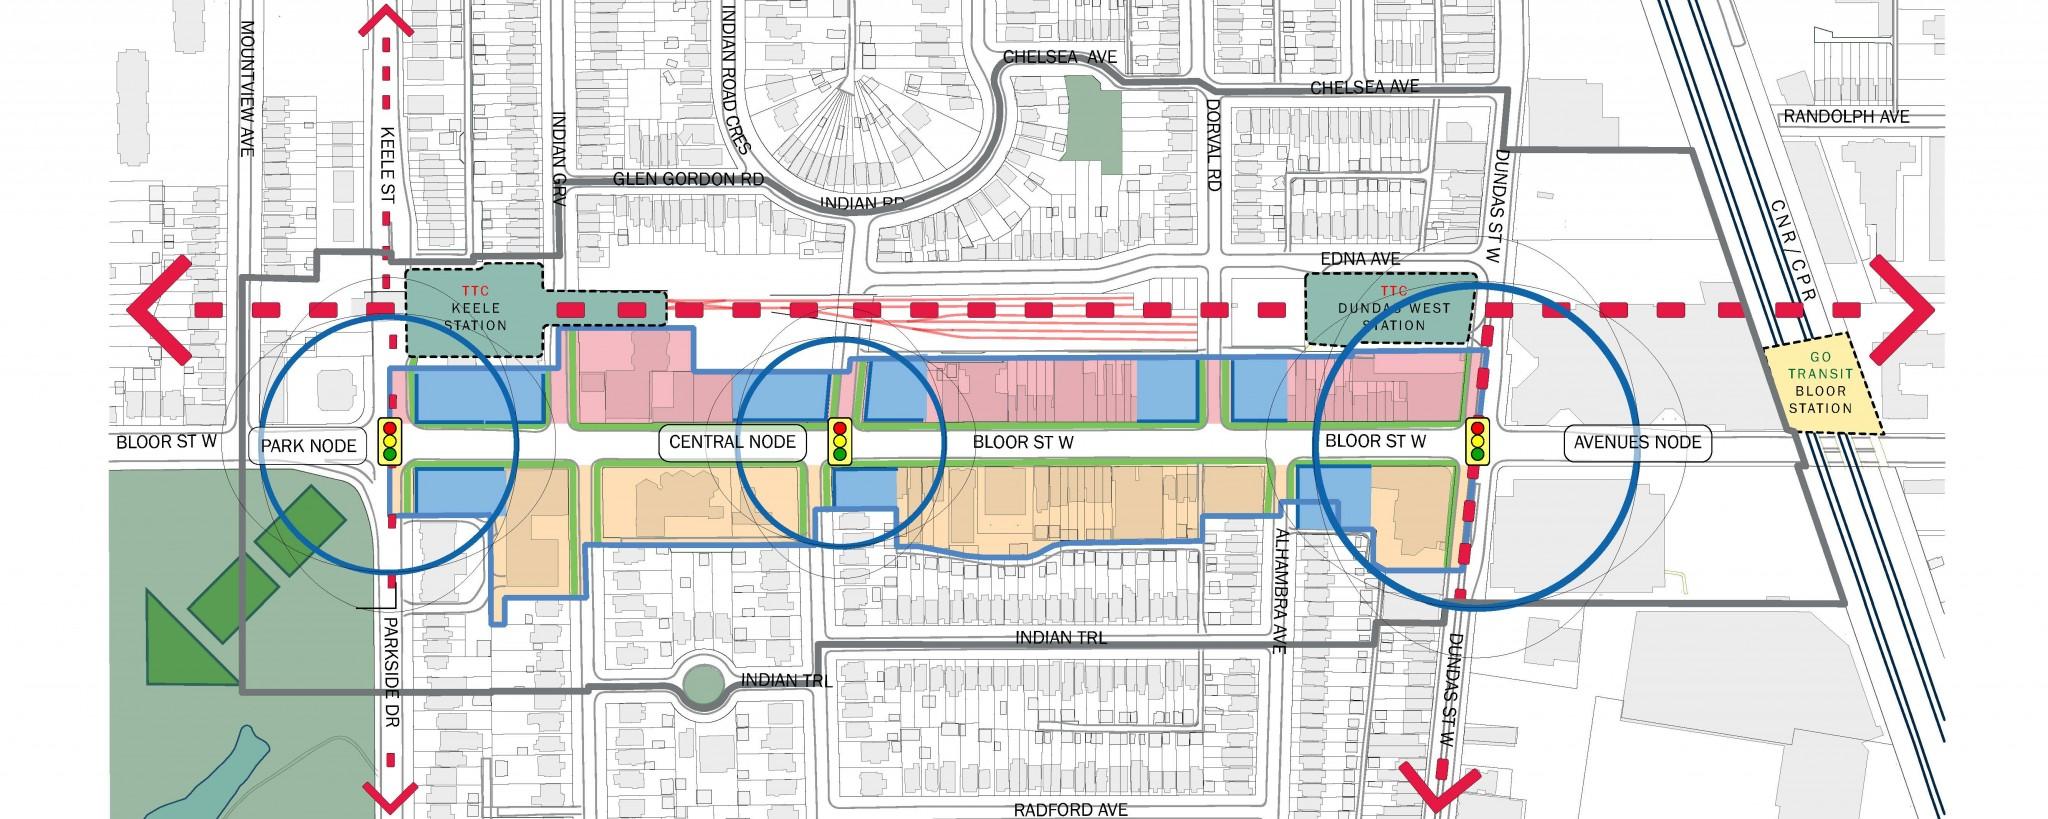 Bloor Street West Segment Study